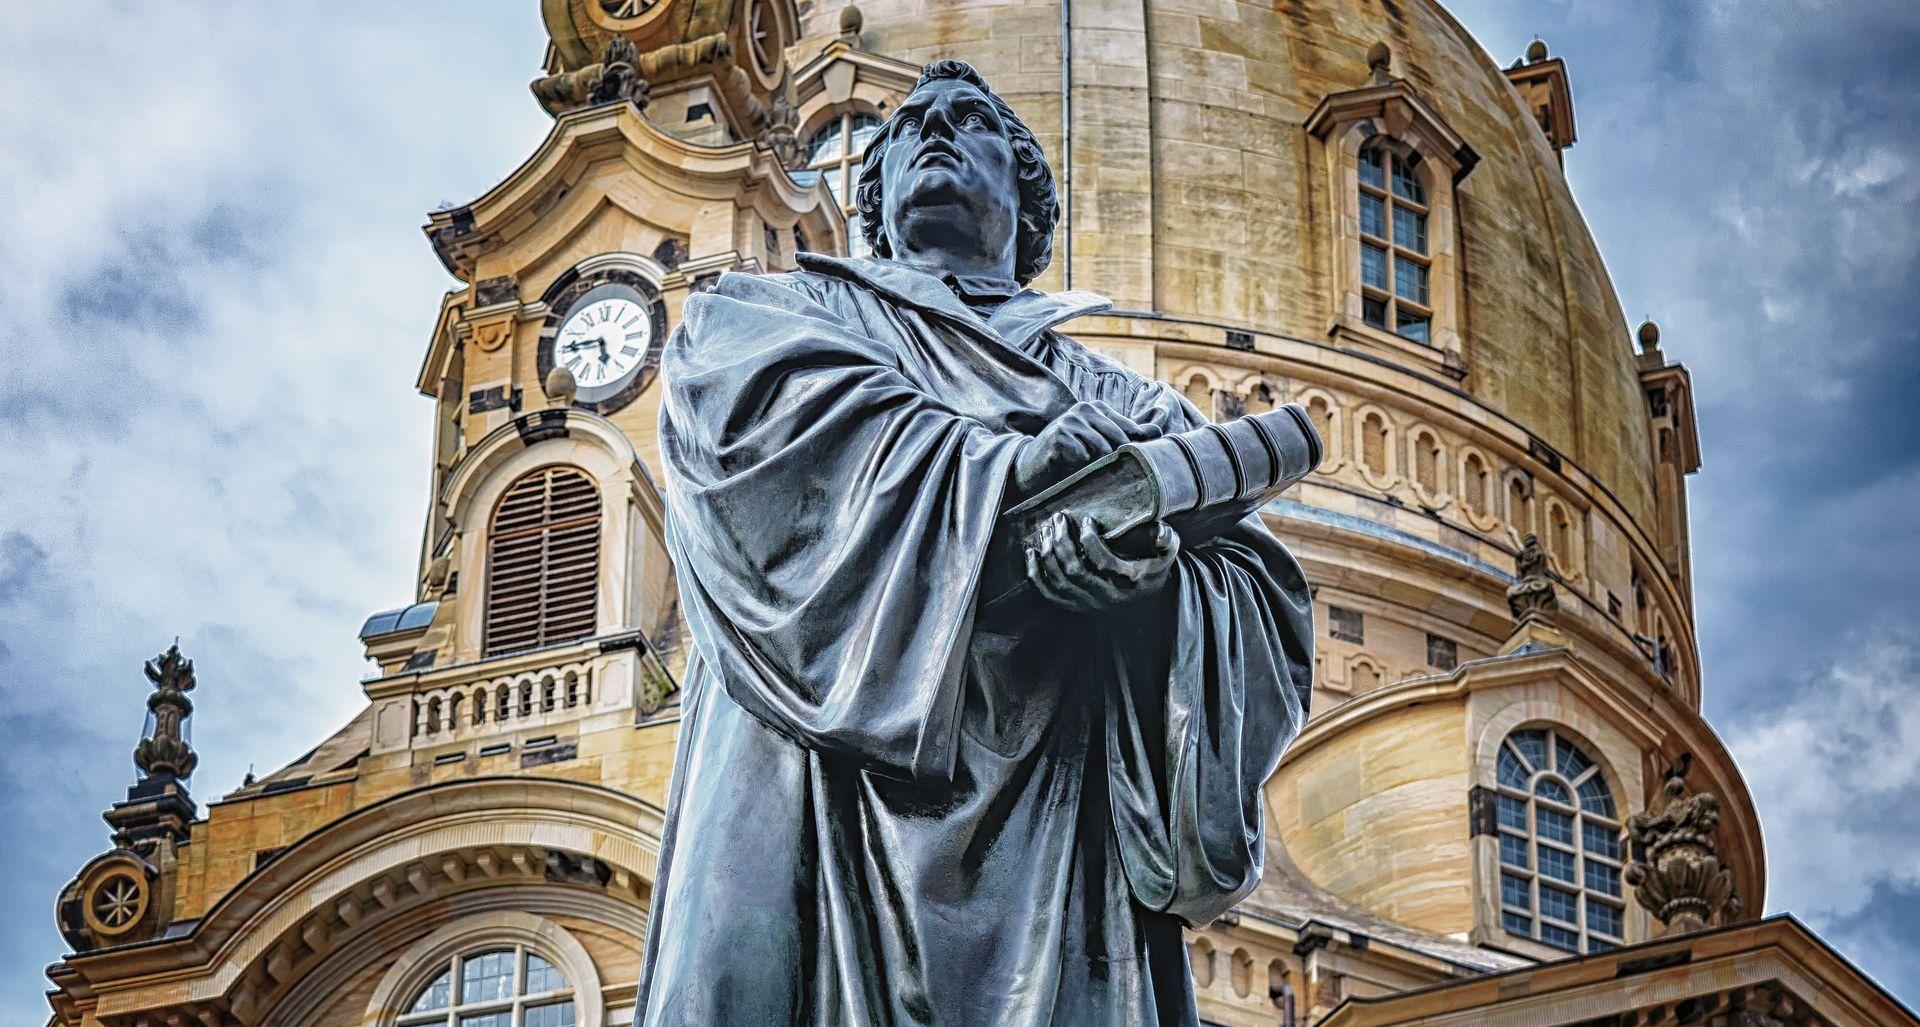 PETSTO GODINA REFORMACIJE Katolici i luterani traže oprost za nasilje